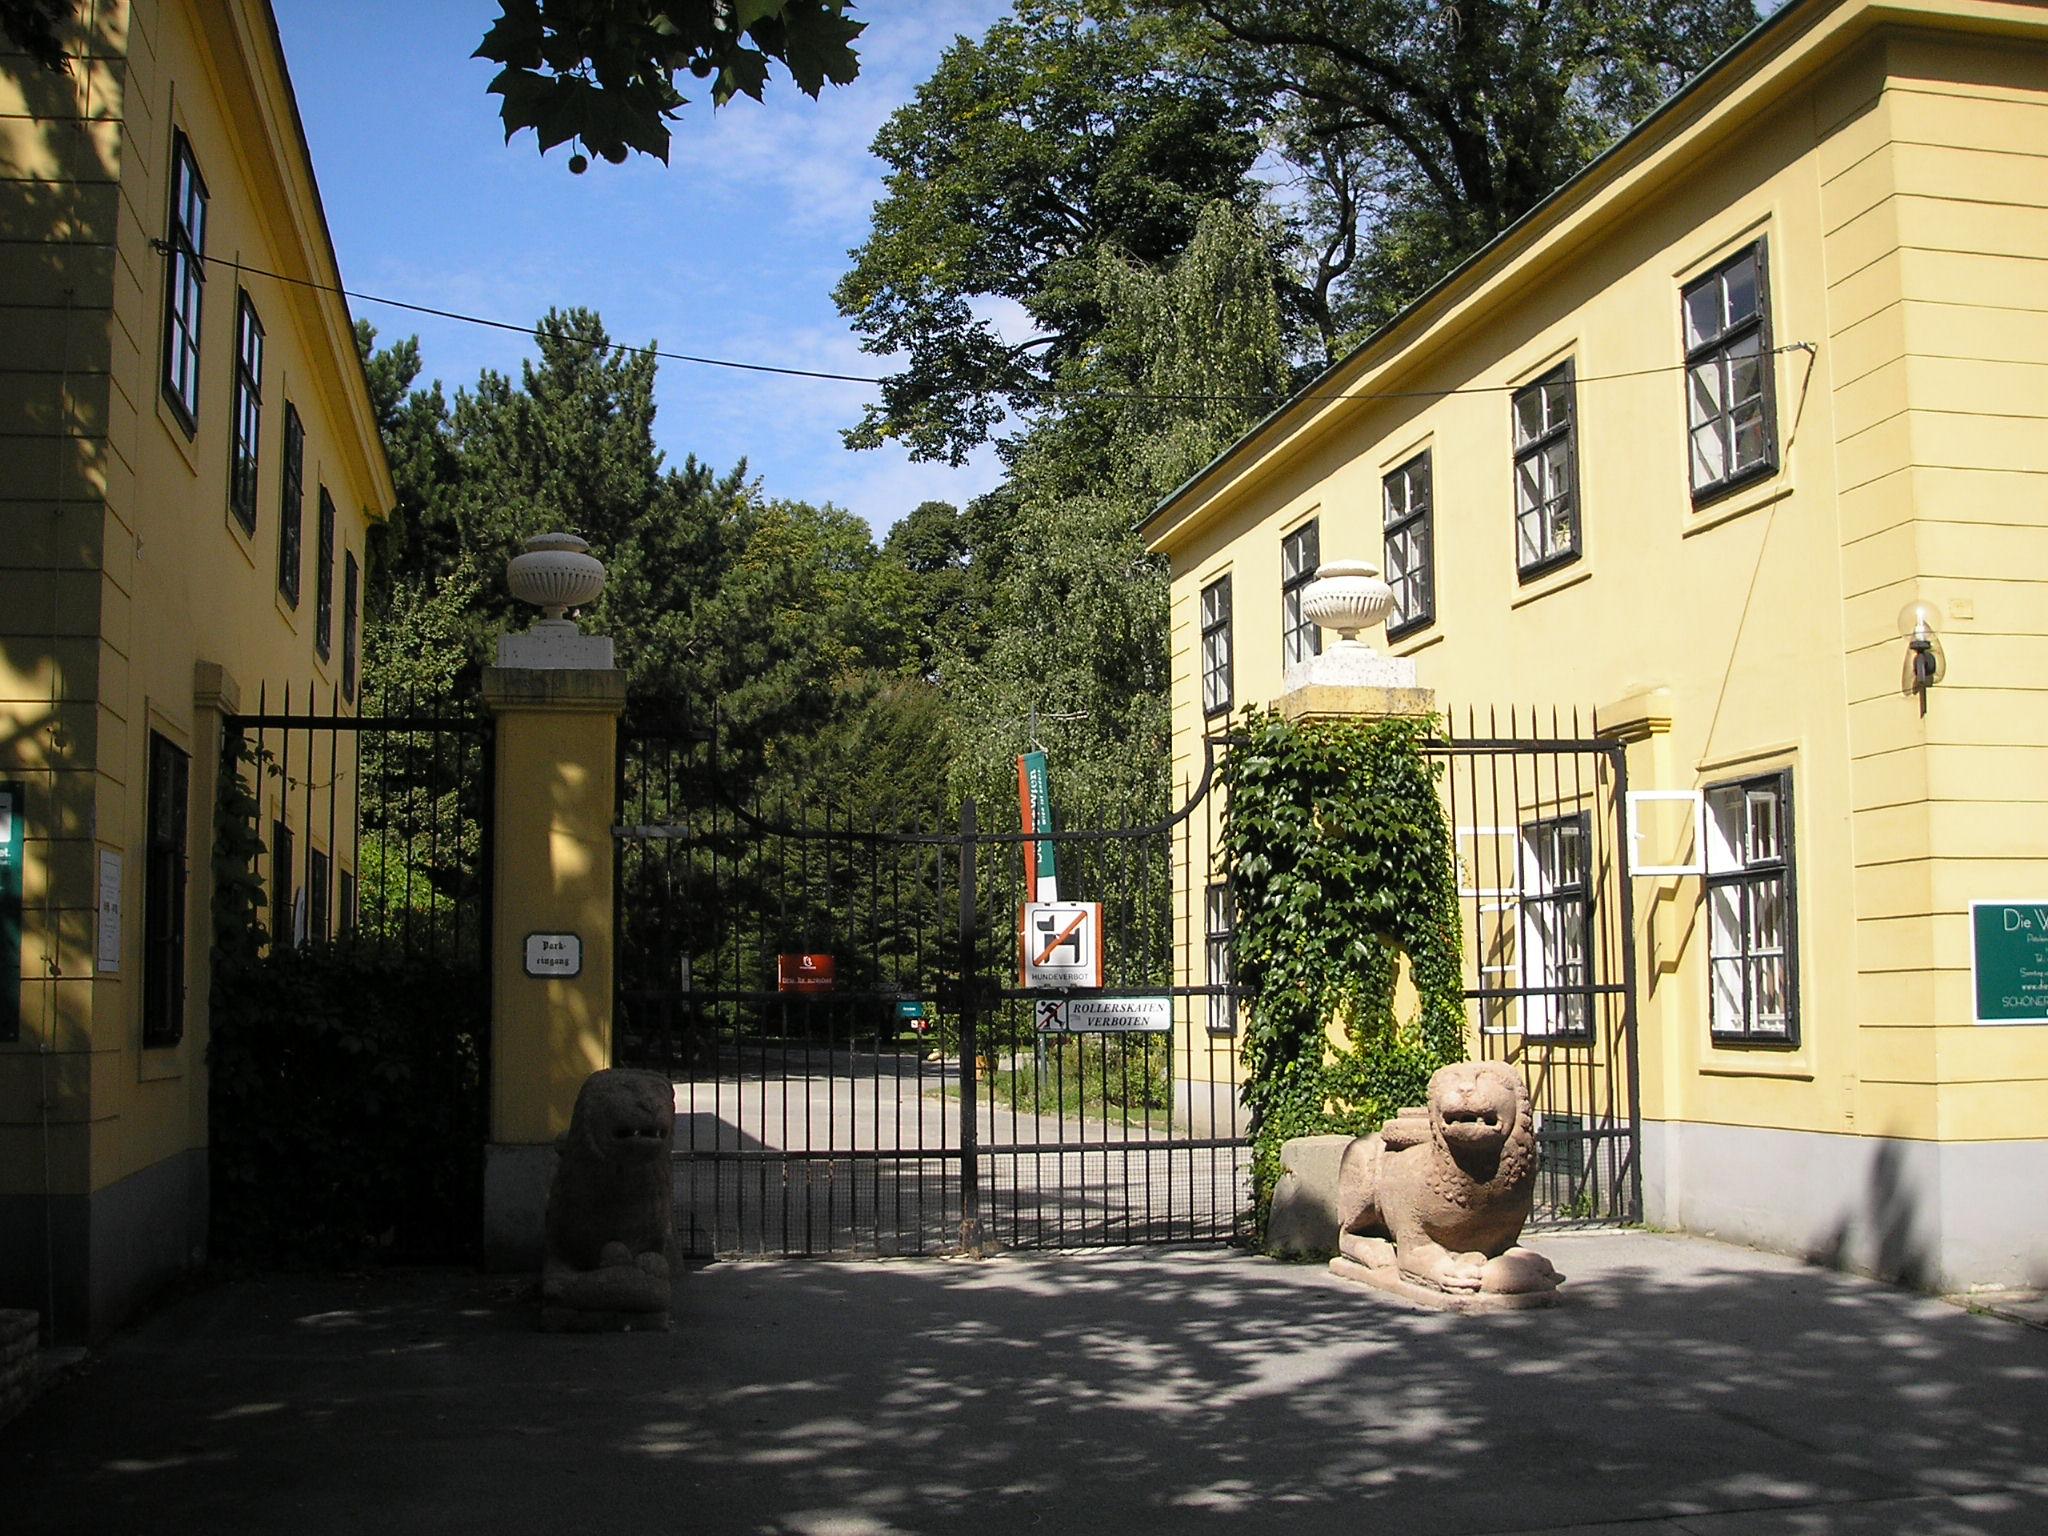 Pötzleinsdorfer Schlosspark